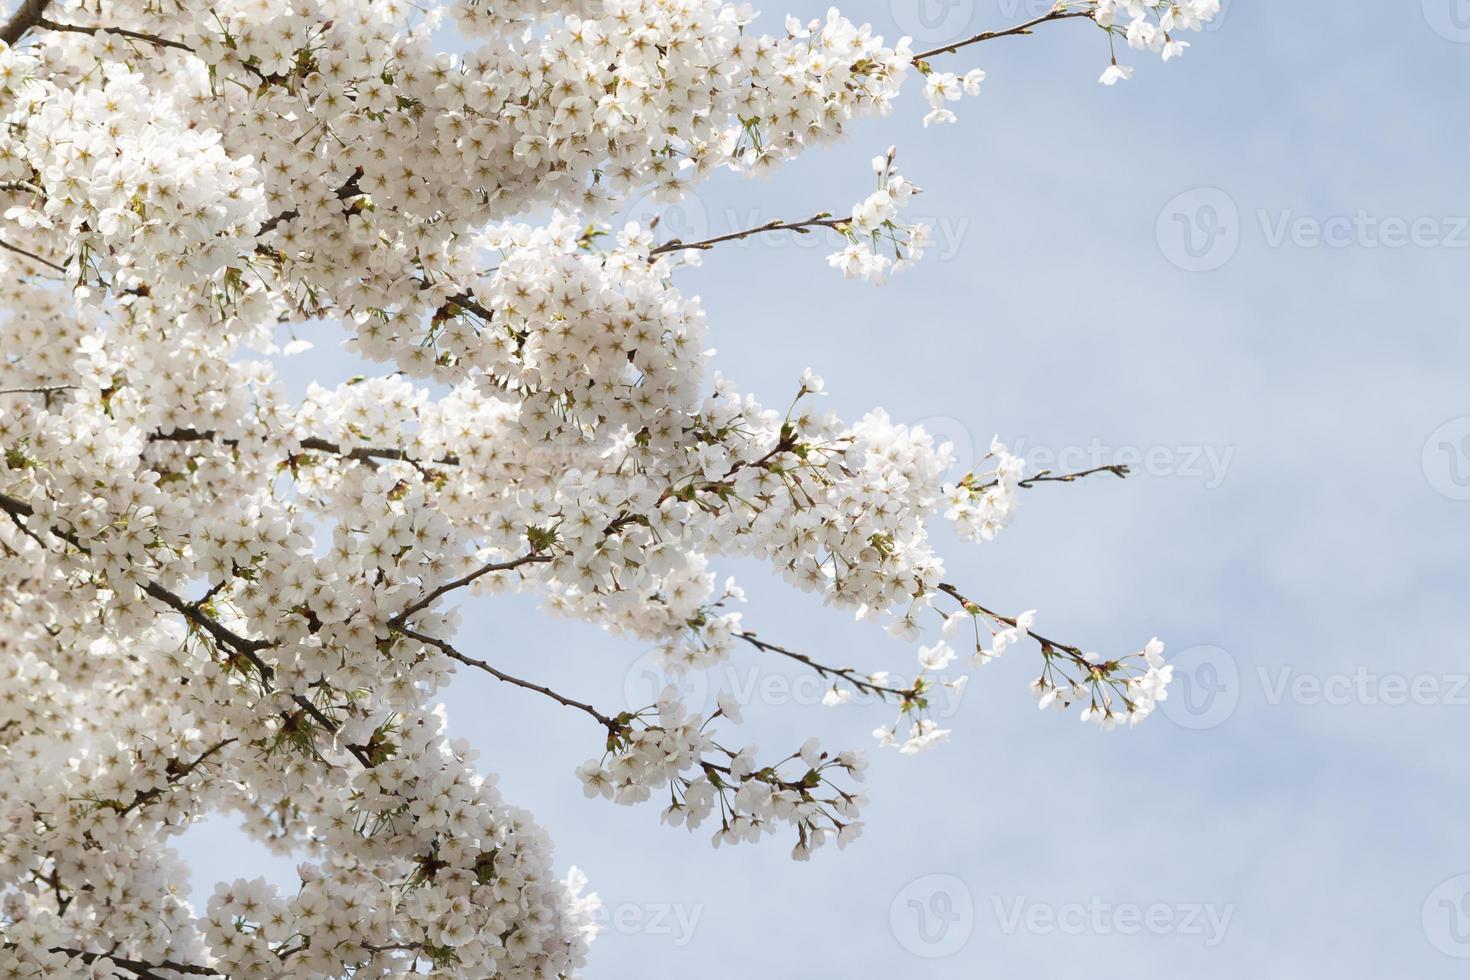 fiori di ciliegio bianchi contro un cielo blu foto